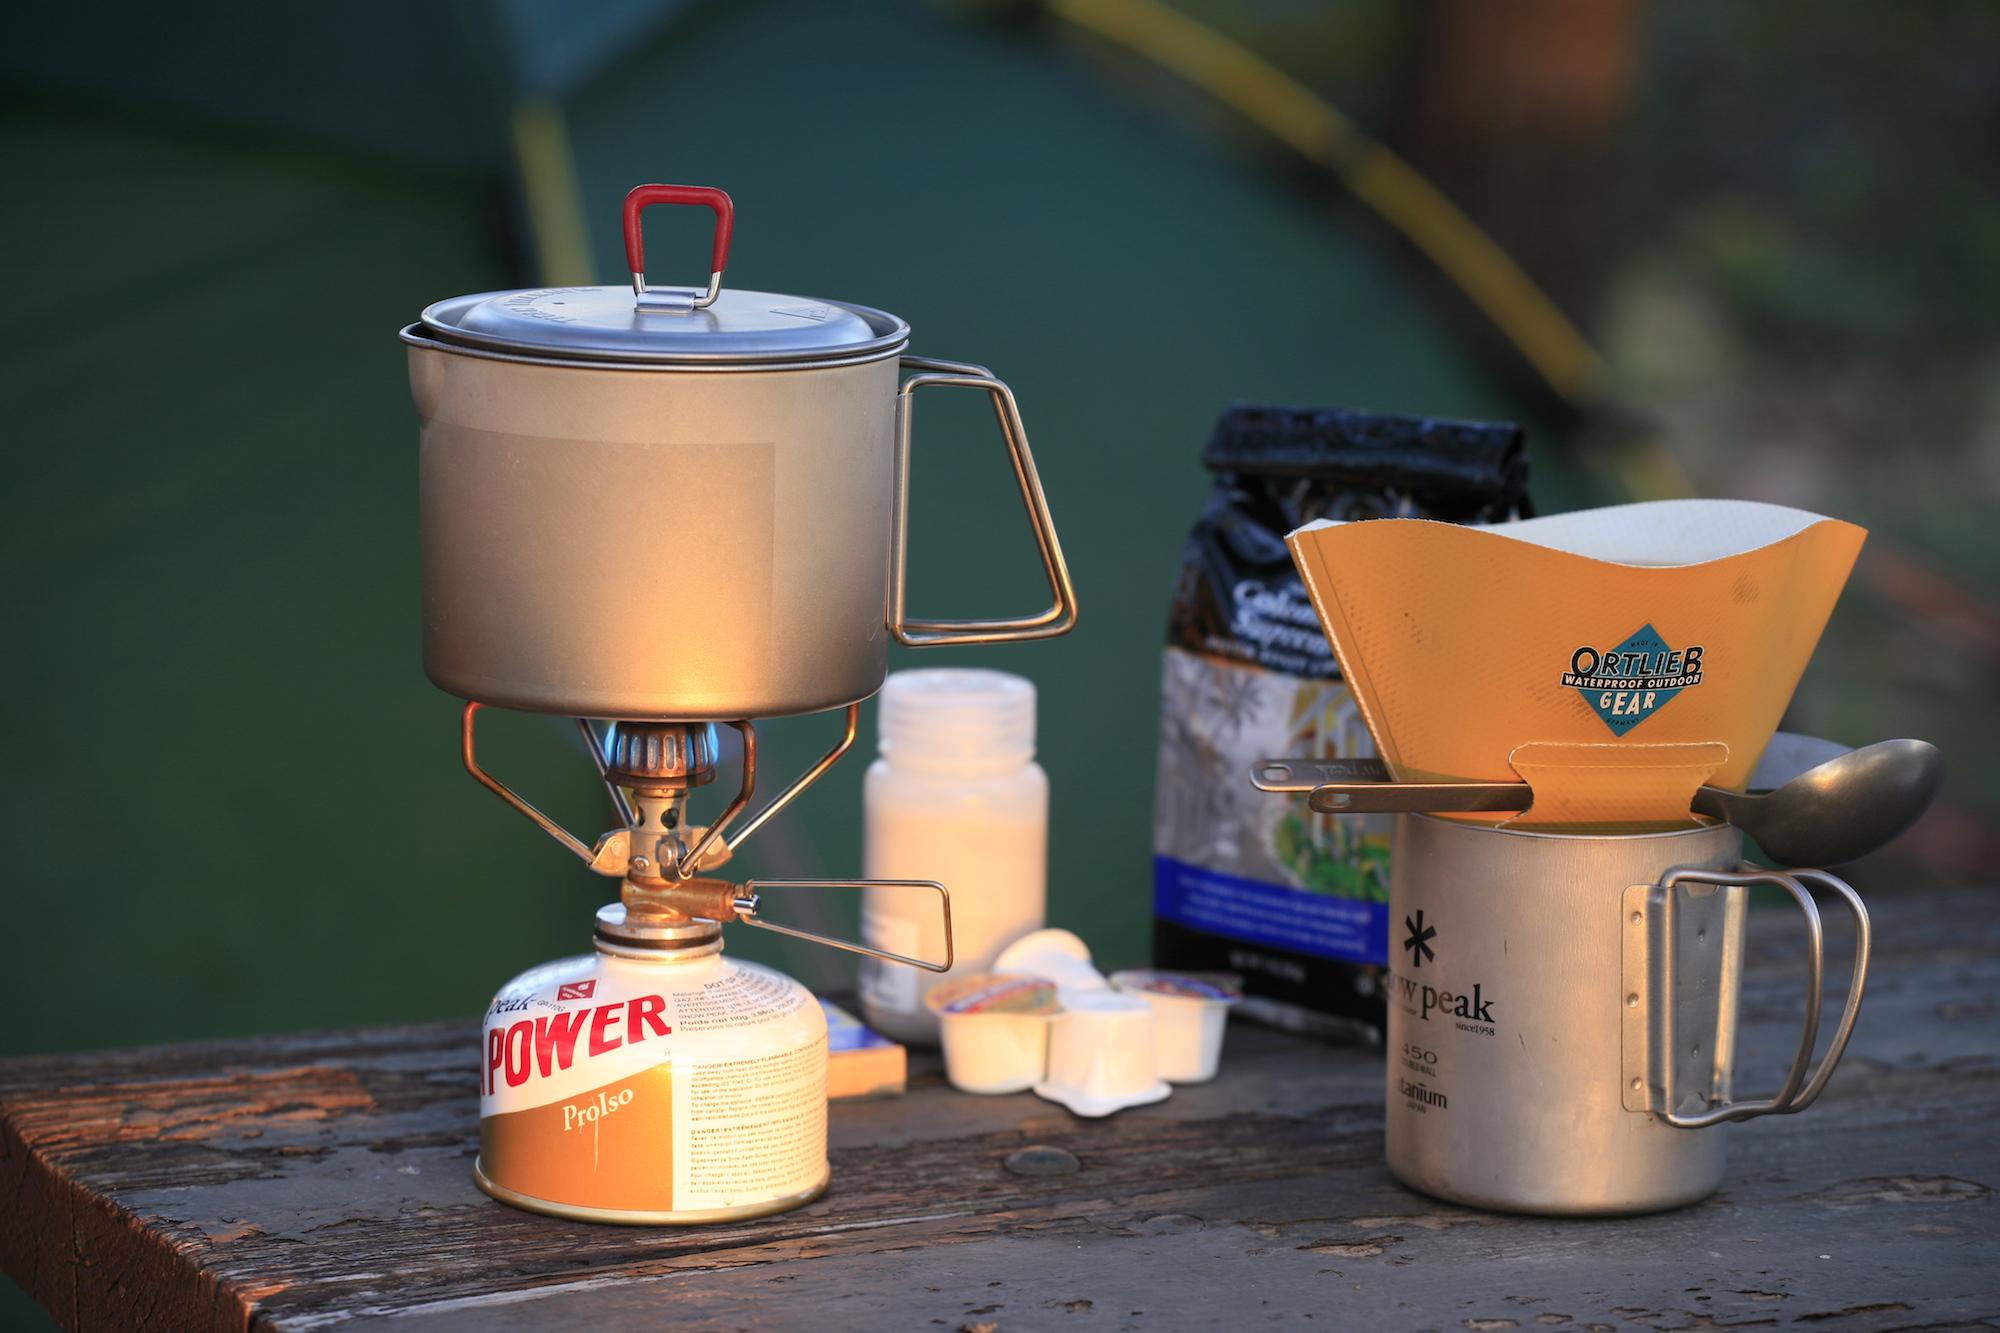 Snow Peak Giga Power stove, MSR Titan kettle, Snow Peak 450 mug, Ortlieb filter holder